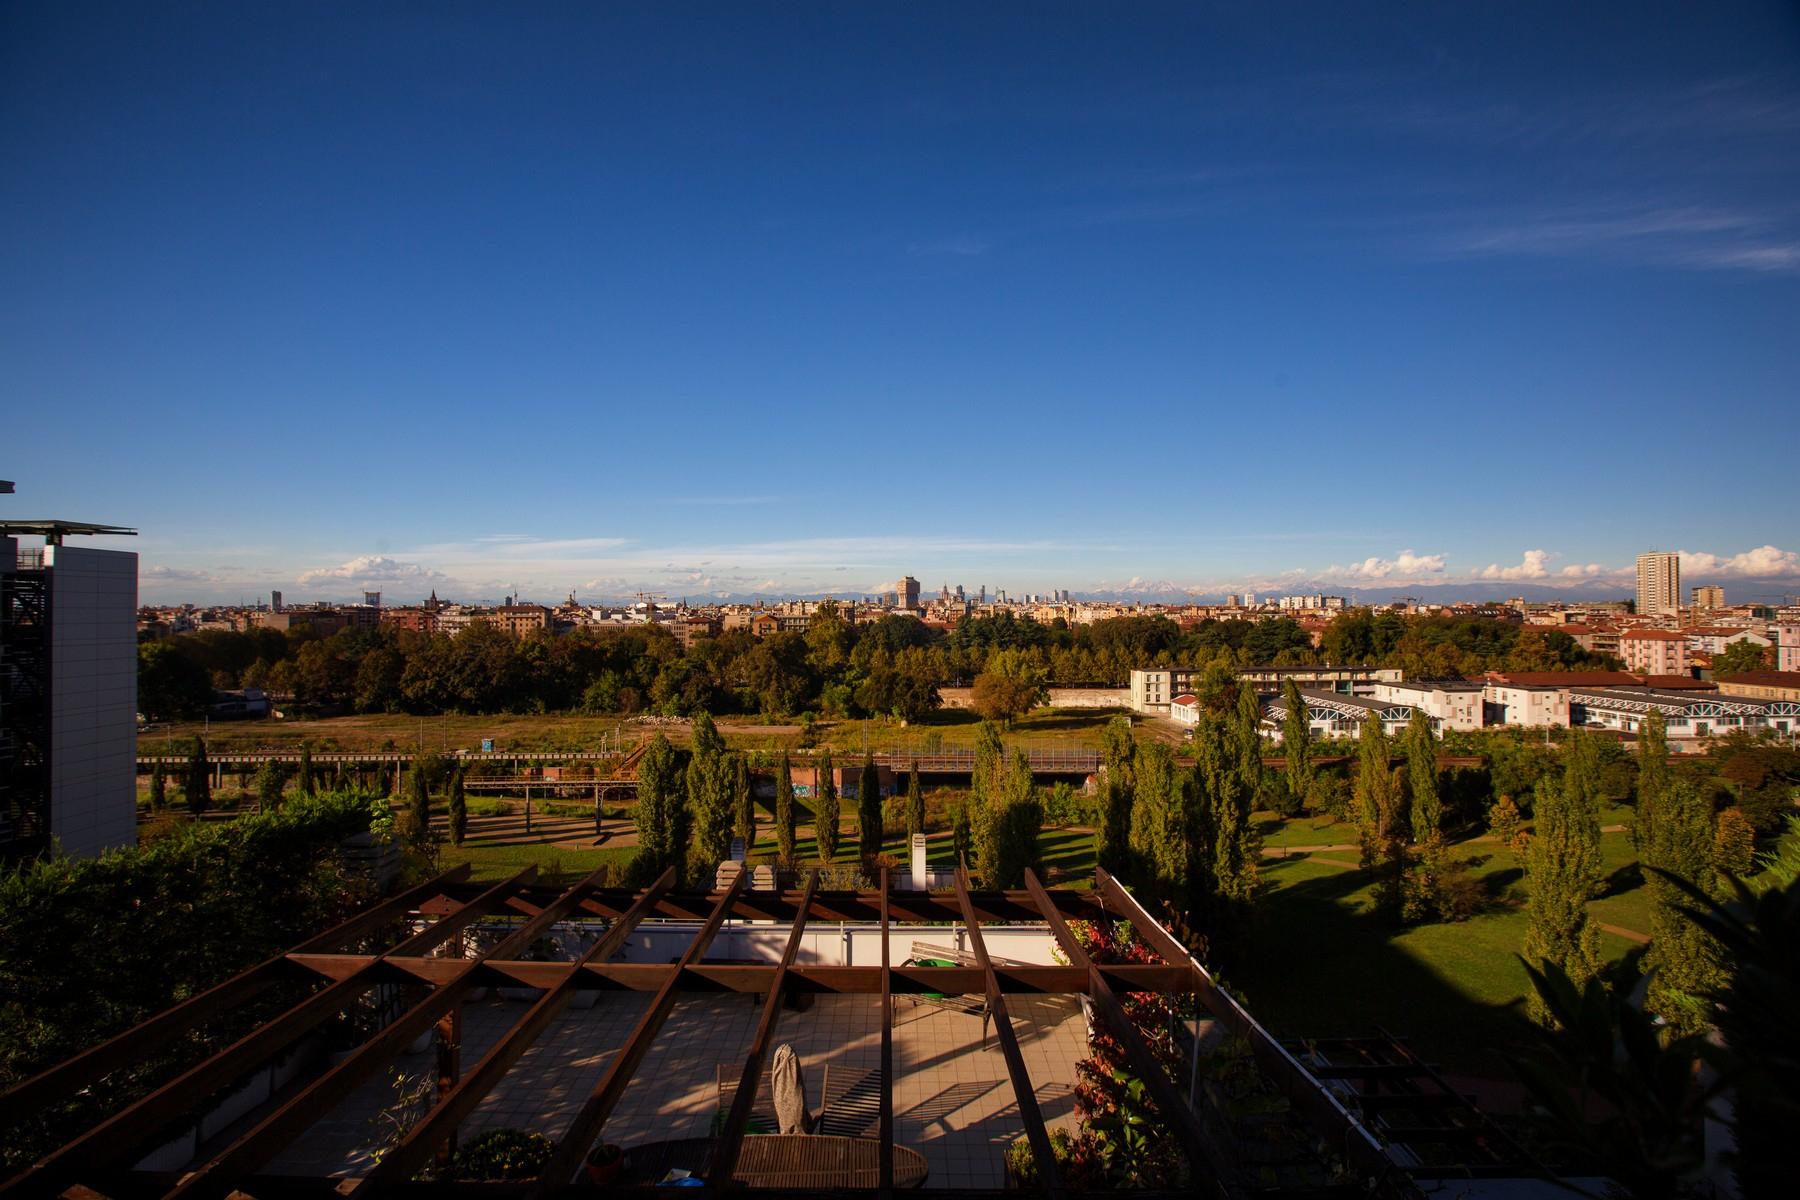 Attico in Vendita a Milano: 5 locali, 400 mq - Foto 24